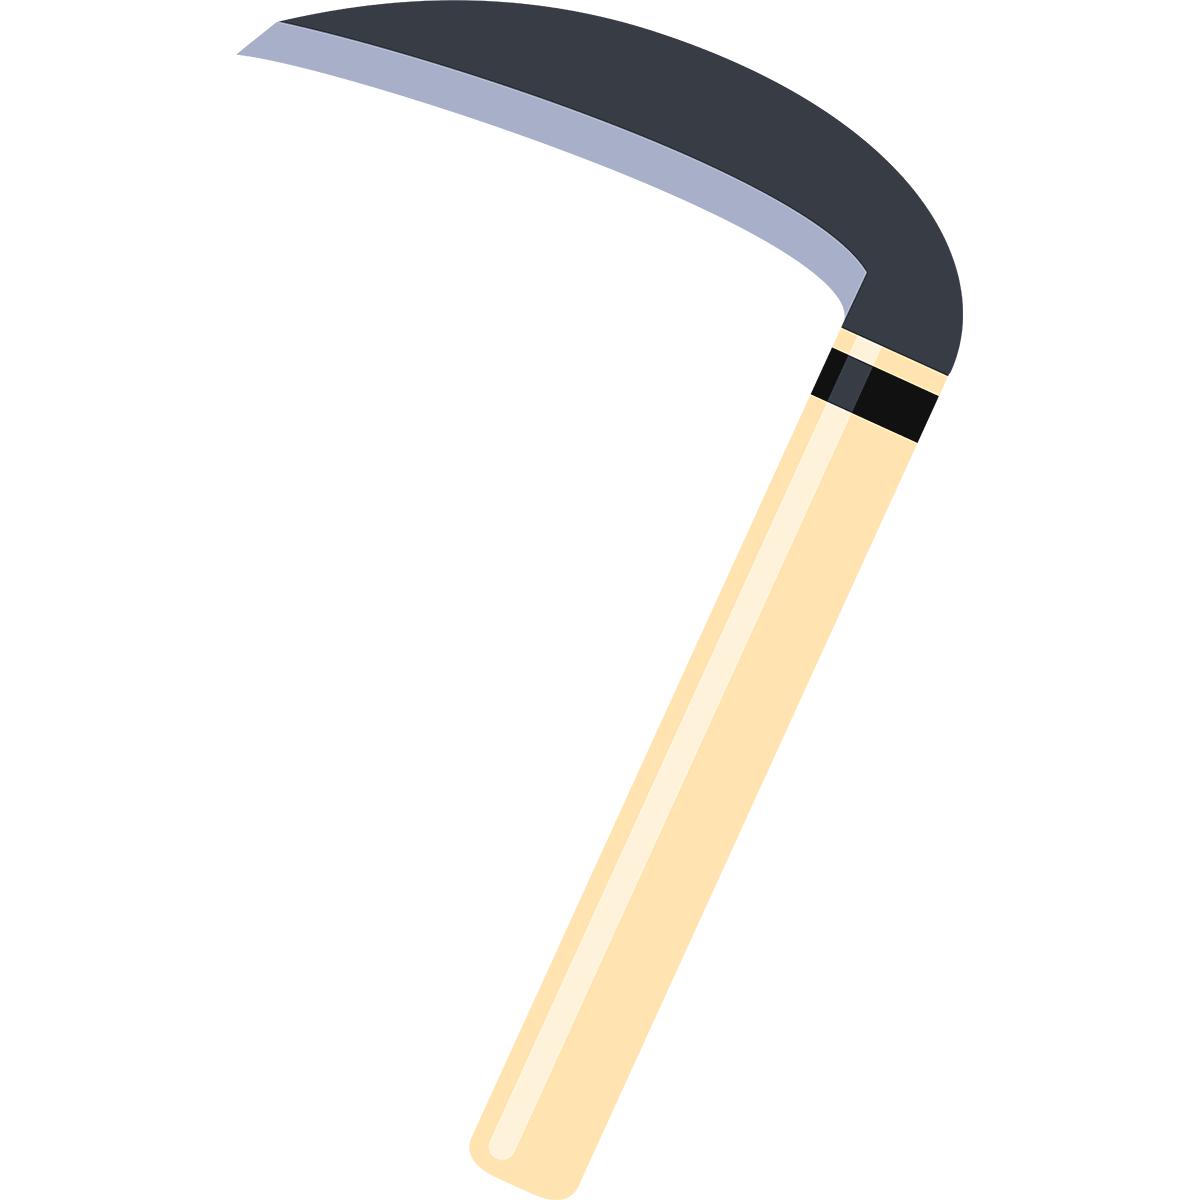 鎌(かま)の無料イラスト